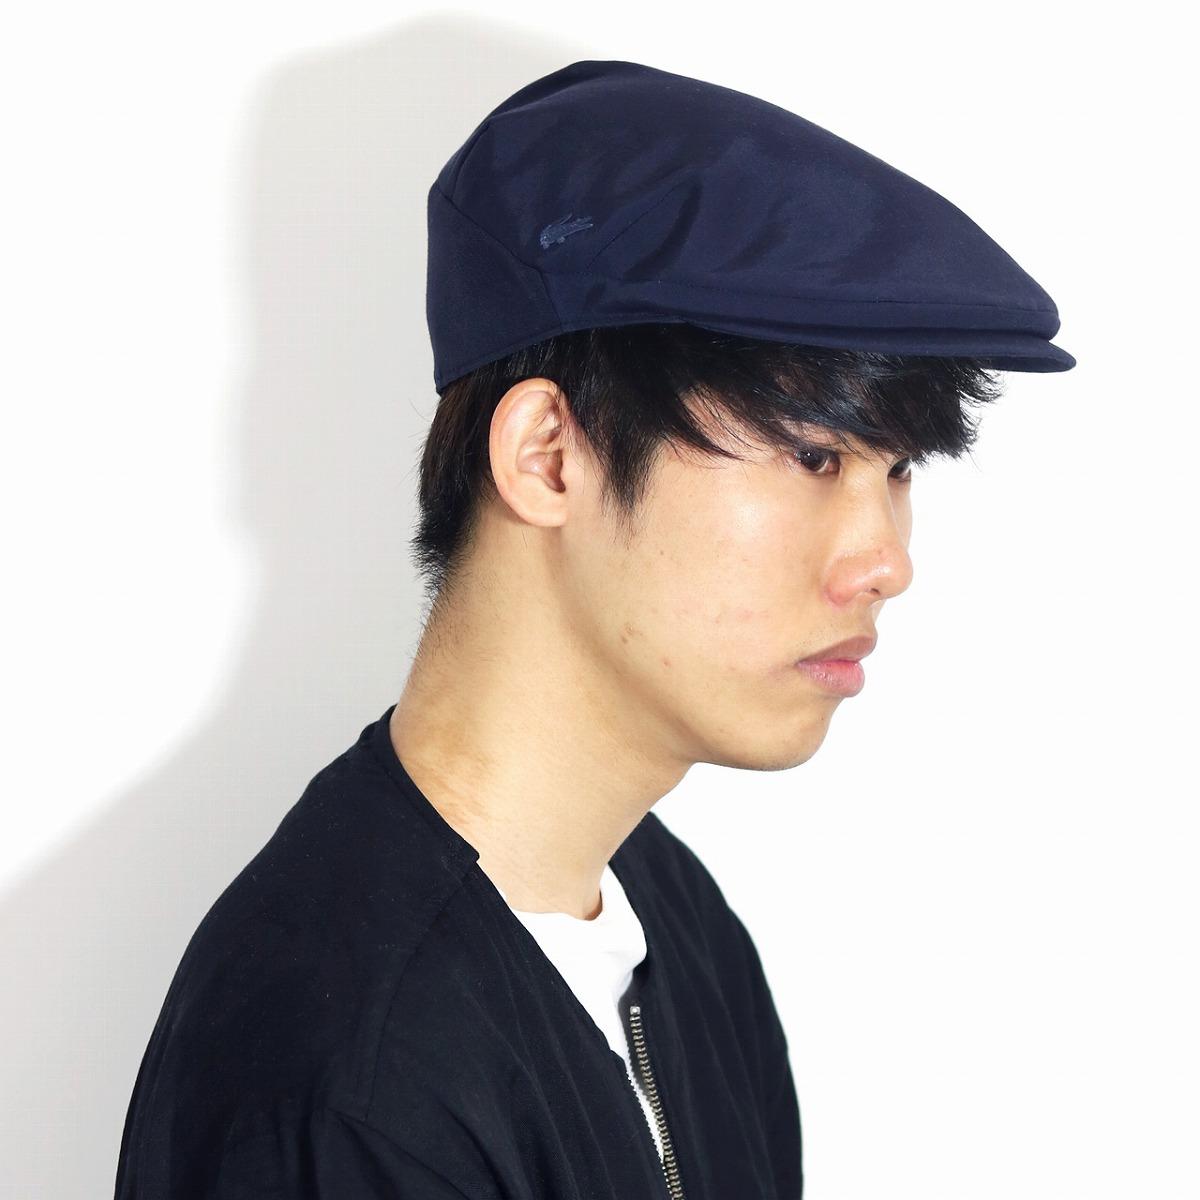 ラコステ ハンチング メンズ シンプル LACOSTE 帽子 春 夏 ハンチング帽 紳士 日本製 無地 58cm サイズ調節可 グログラン リフレスマイル 涼しい グログラン生地 ワニ ブランド レディース 帽子 紺 ネイビー [ ivy cap ] 父の日 ギフト プレゼント 男性 帽子